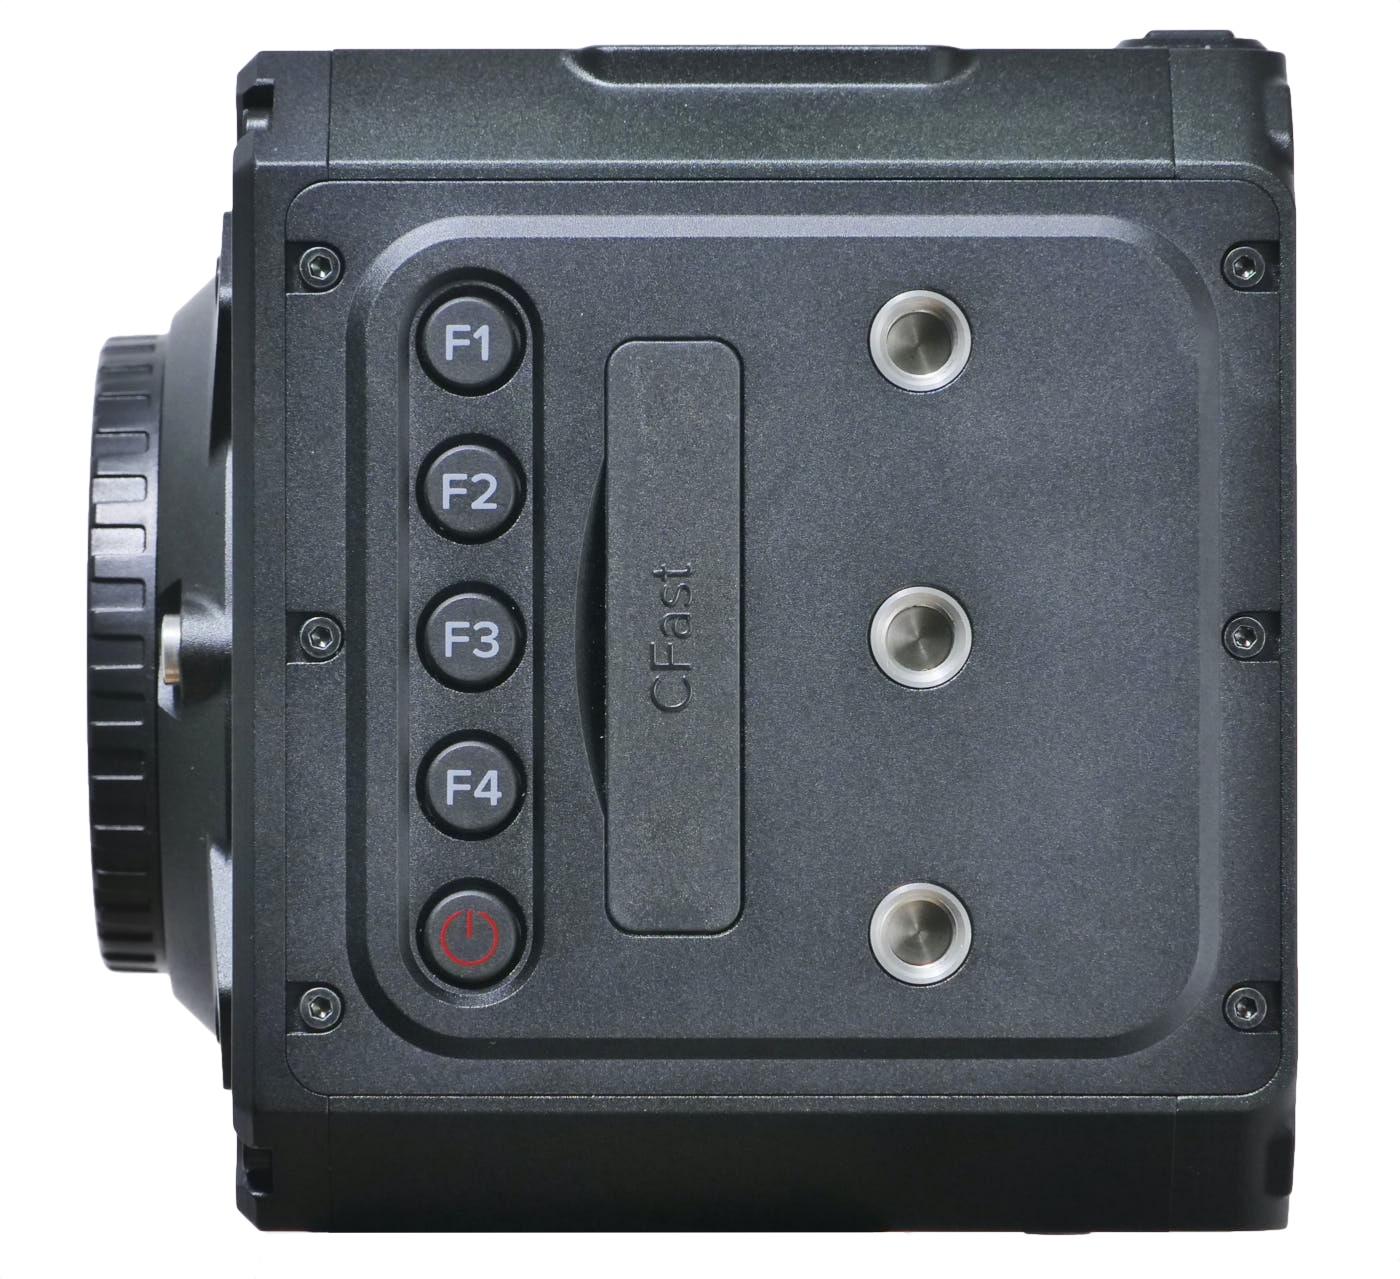 Z Cam E2-M4 left side